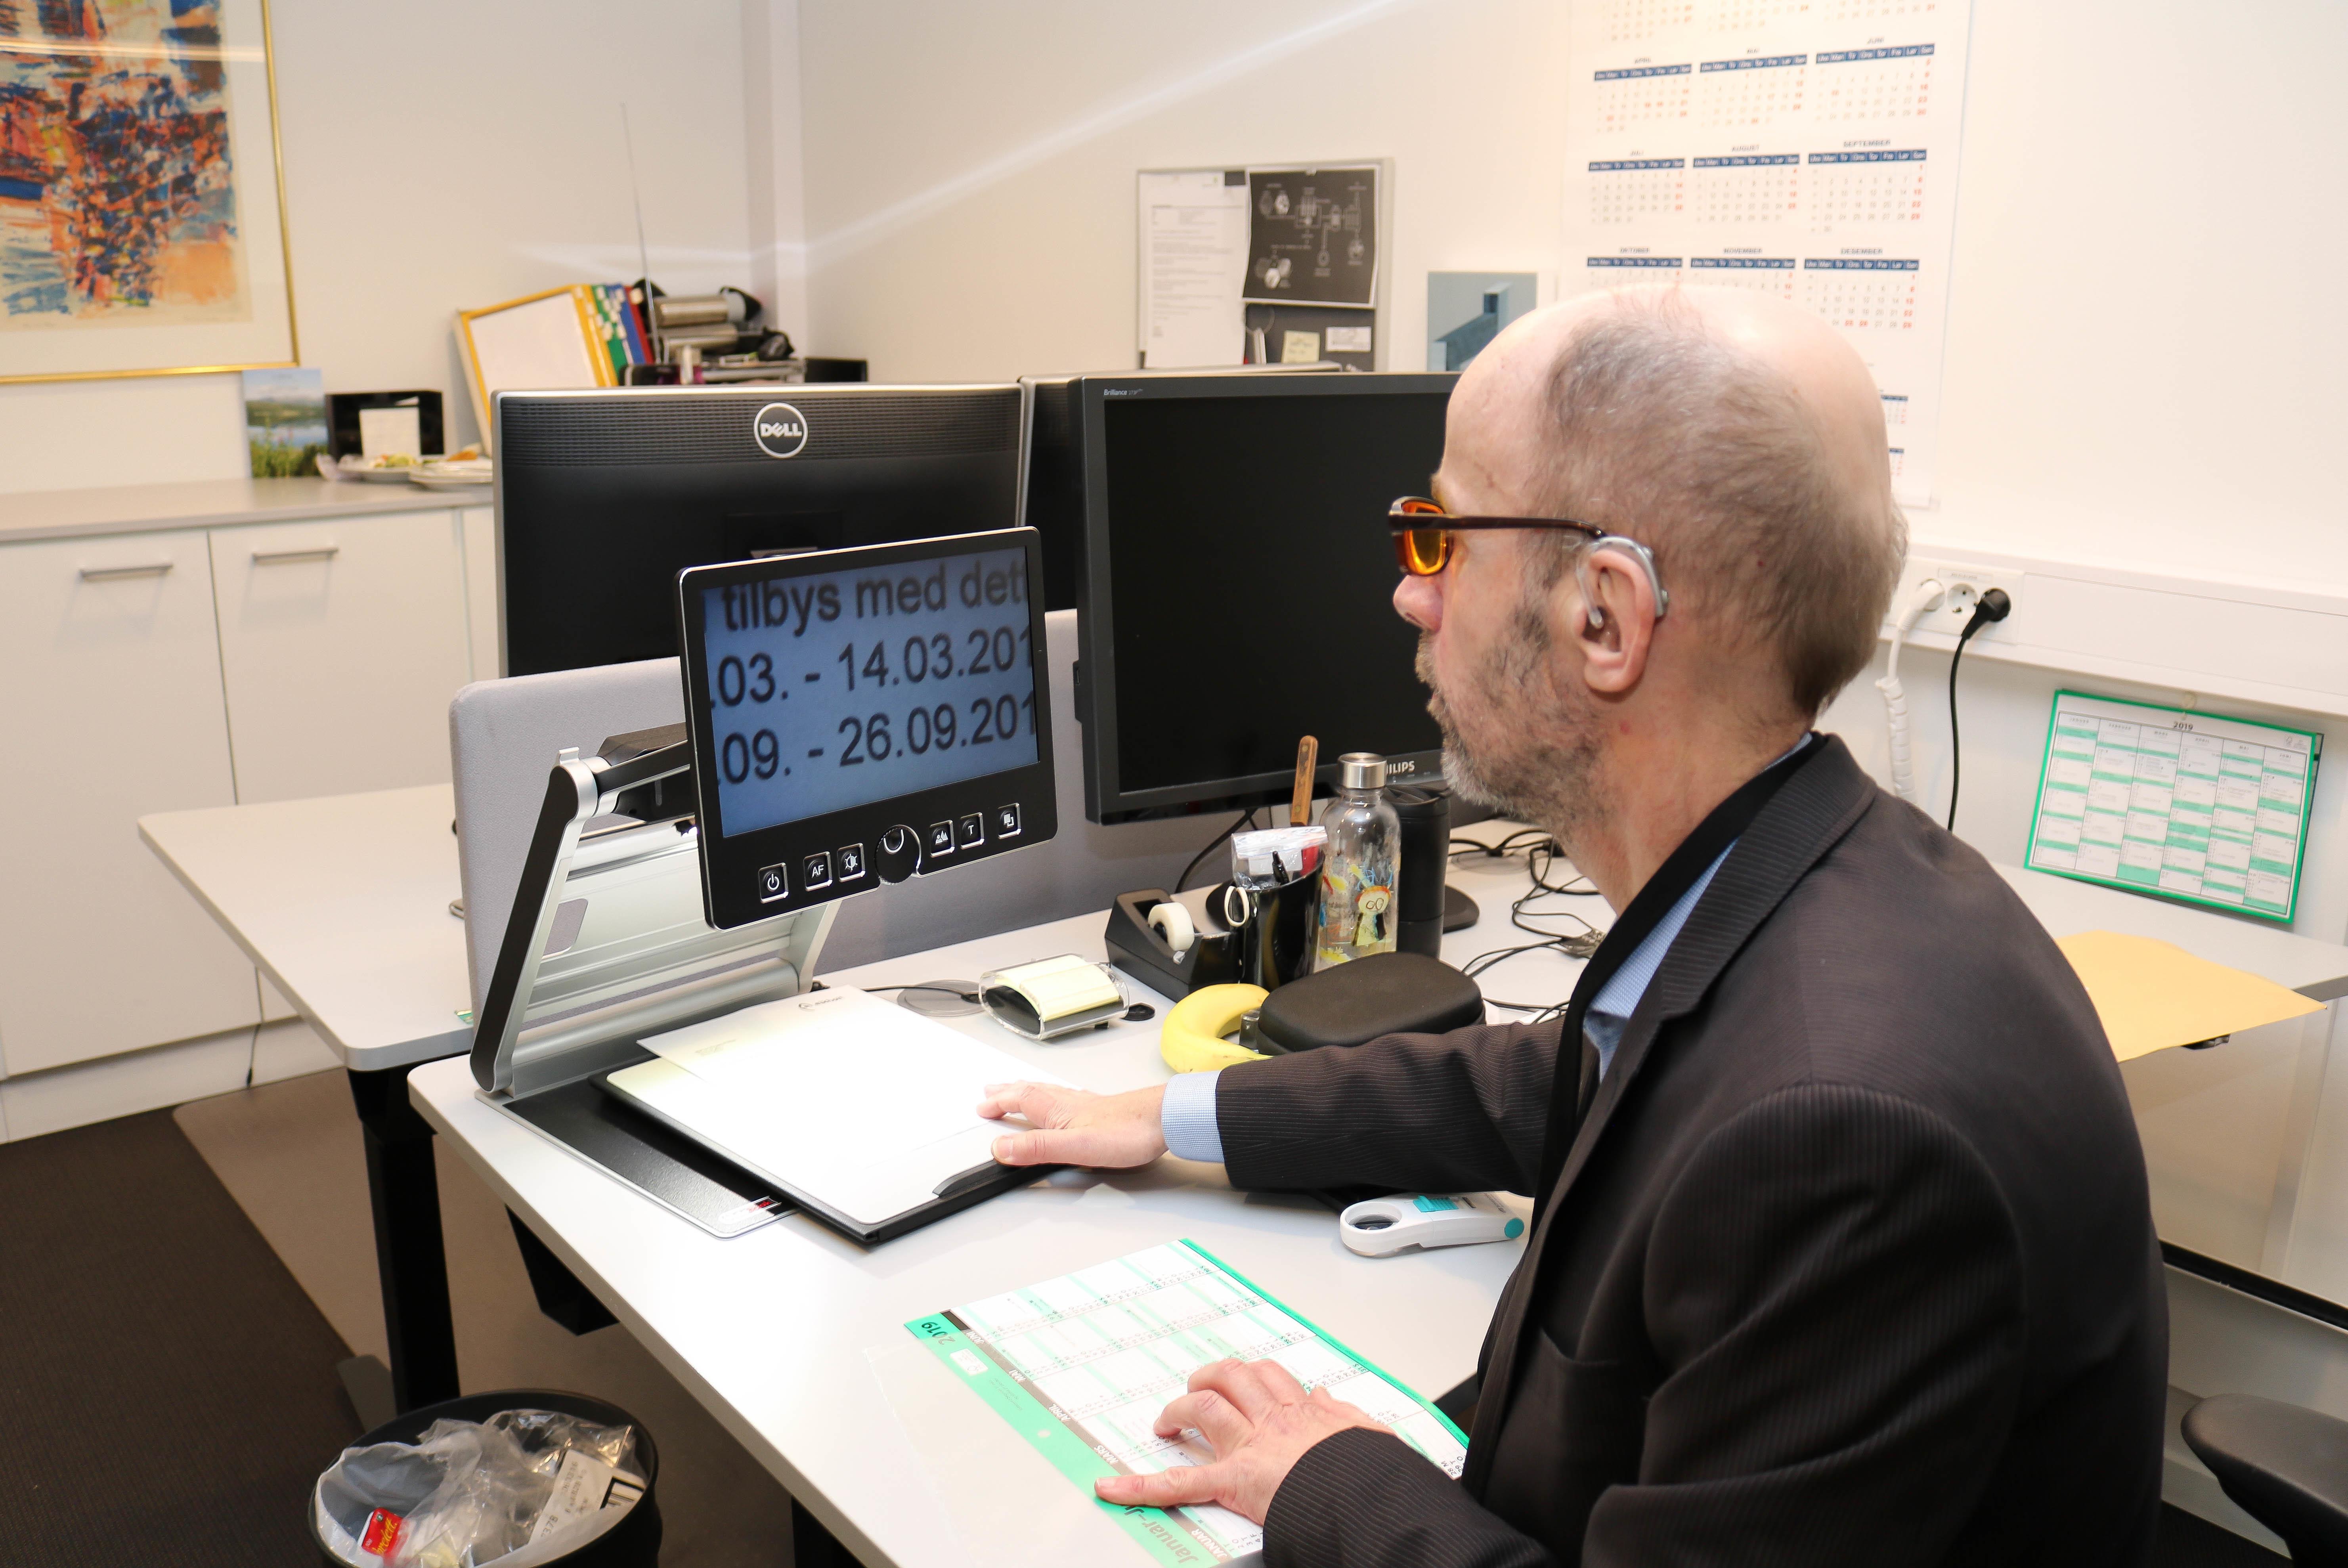 Bruk av forstørrelsesprogram og tilpasset skjerm for lesing av tekster. Bruker er mann med oransje filterbriller.